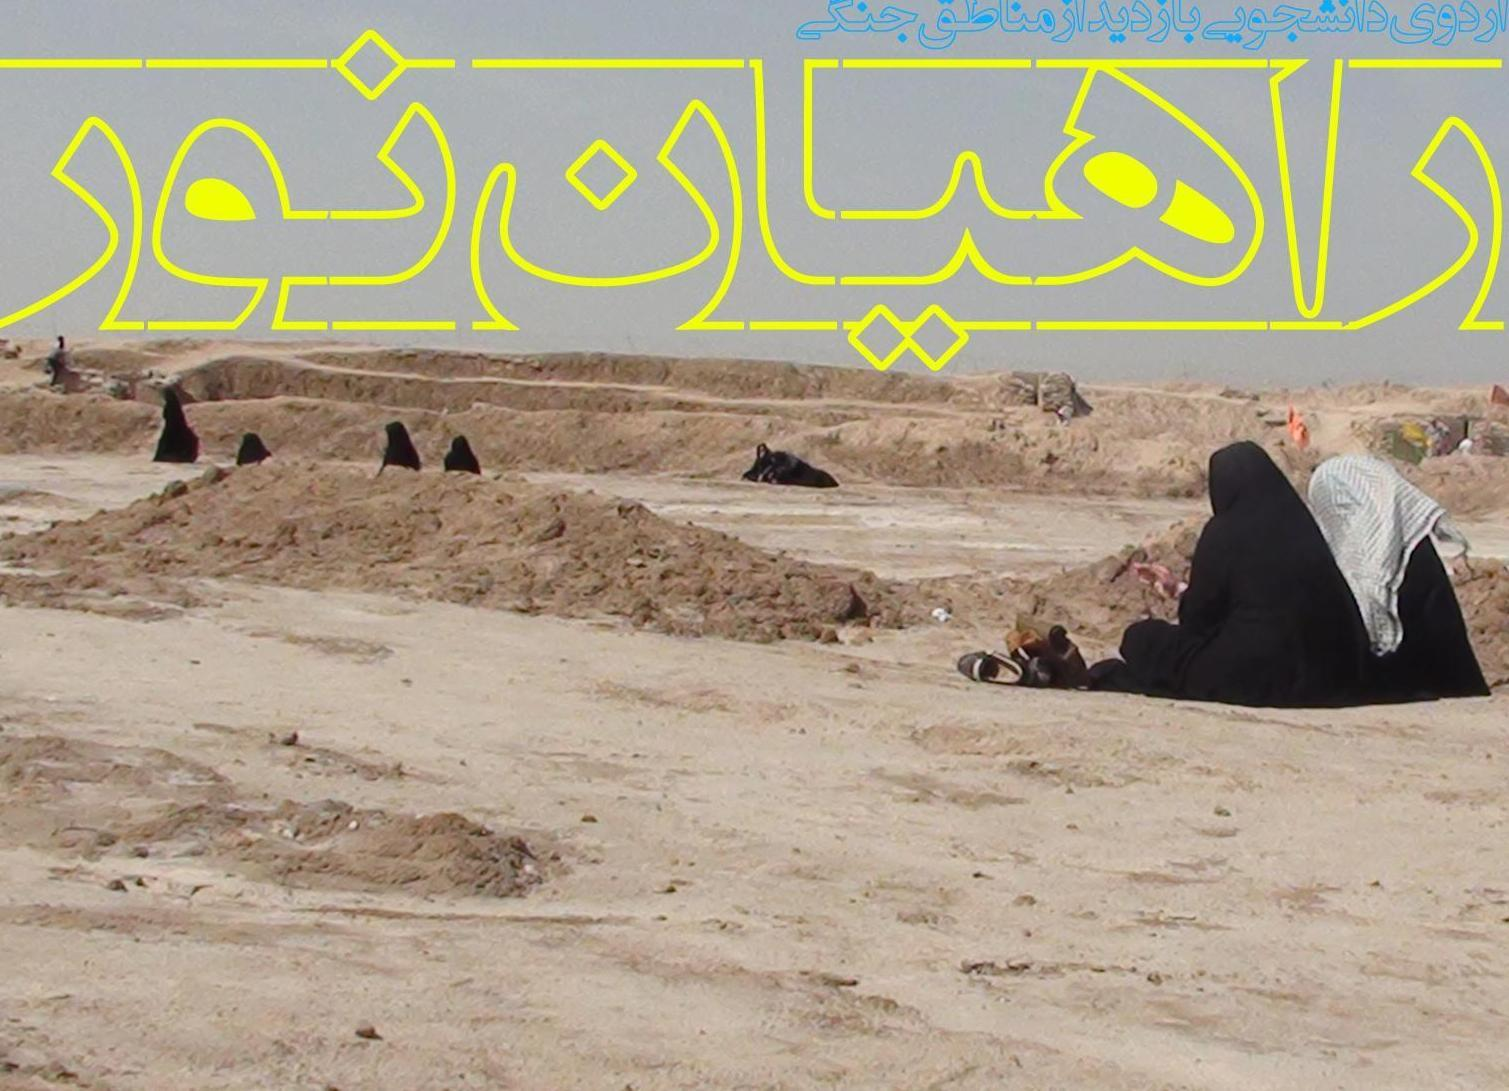 20 اسفند روز ملی راهیان نور